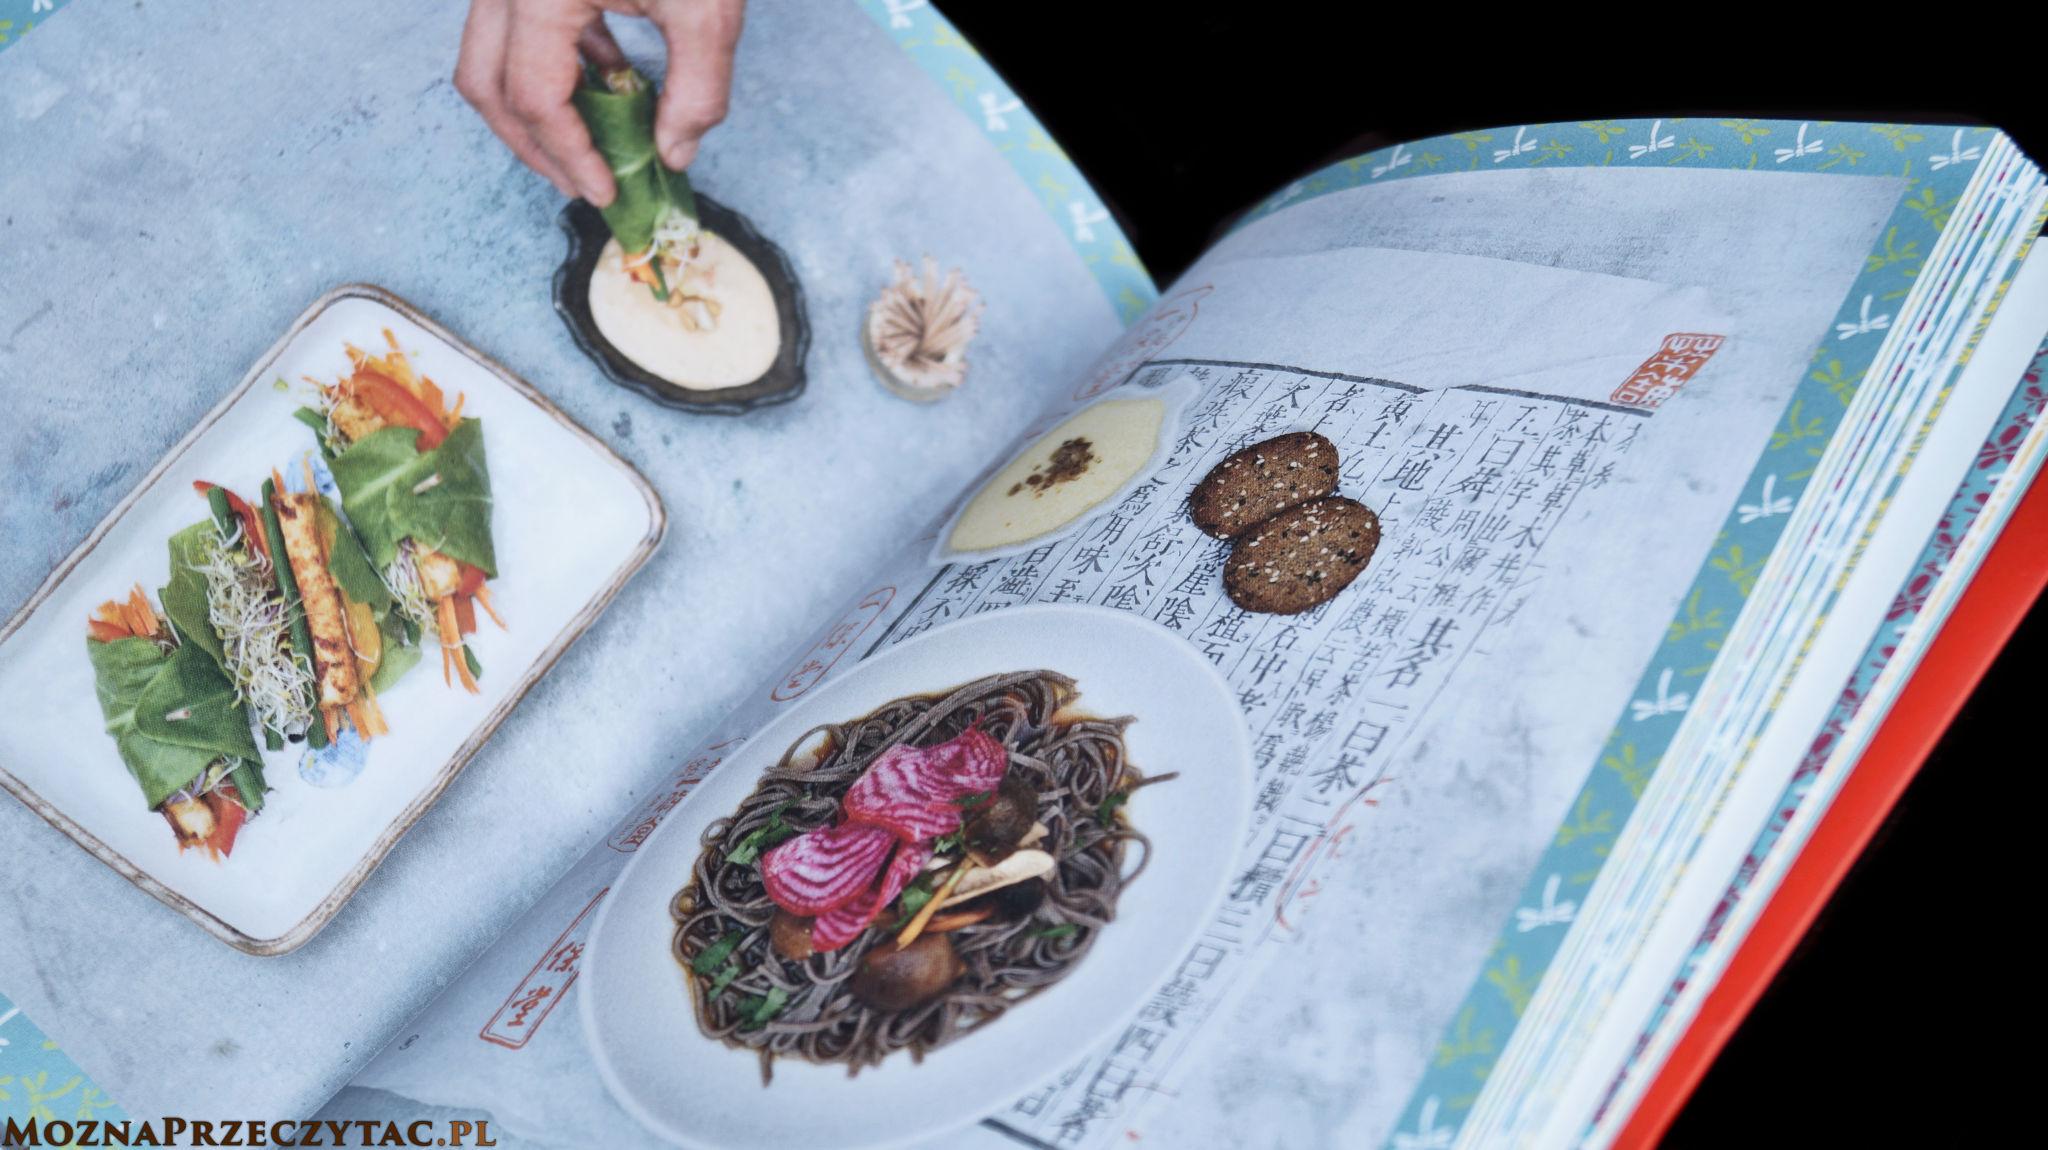 Okinawa Food. Co jeść, aby żyć dłużej w zdrowiu - Laure Kié, Kathy Bonan